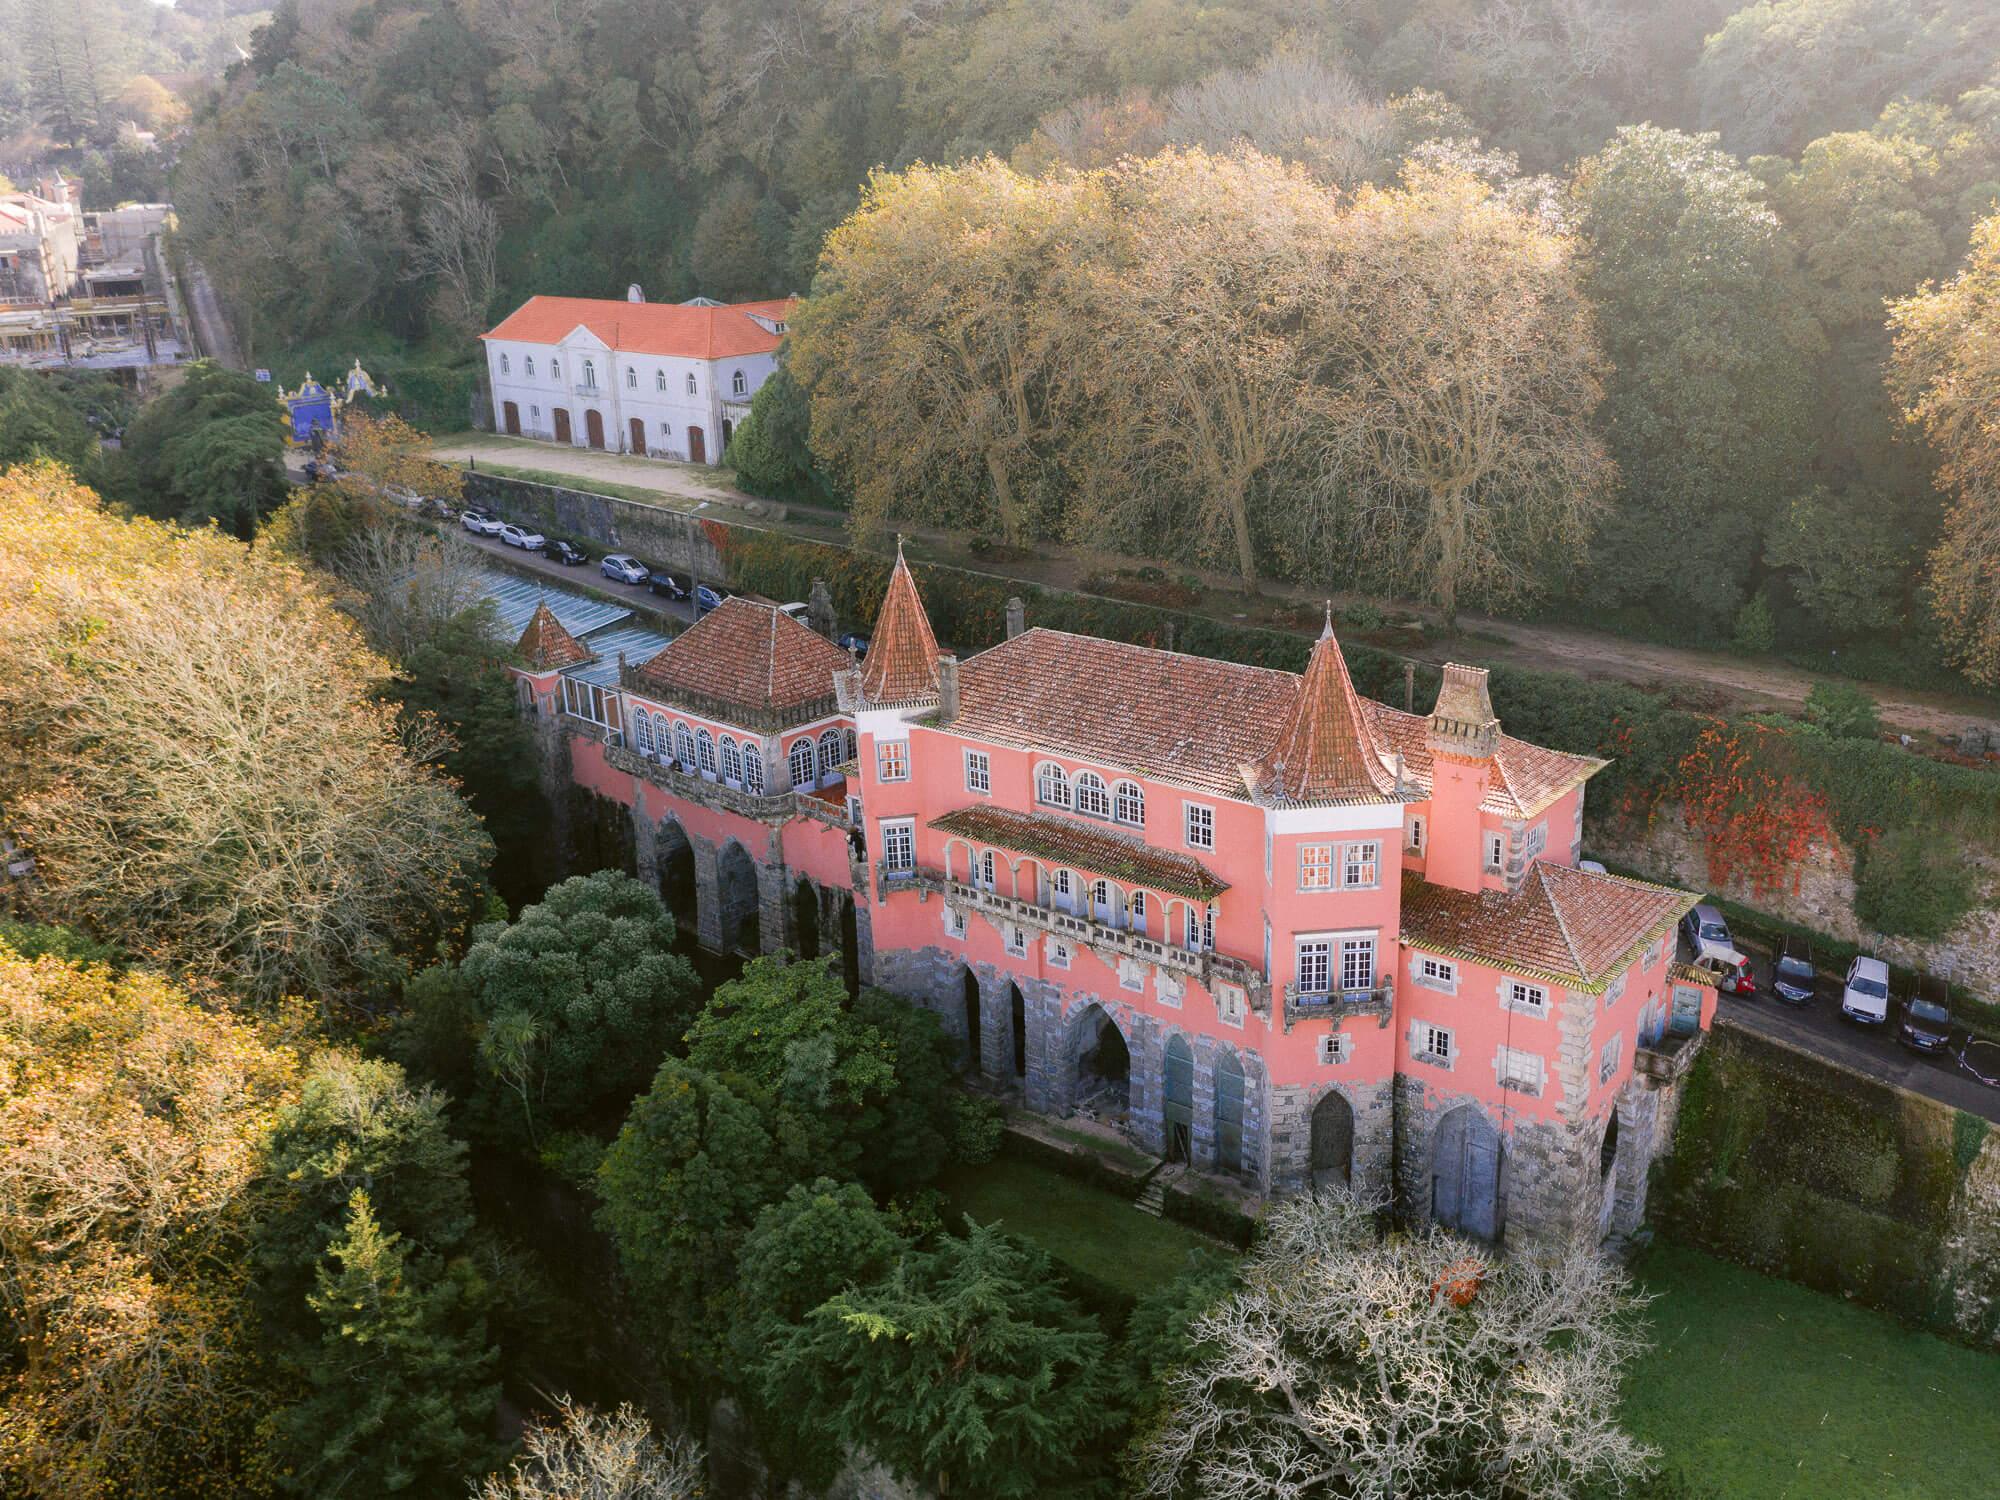 Casa dos Penedos Sintra Wedding venue overview by Portugal Wedding Photographer